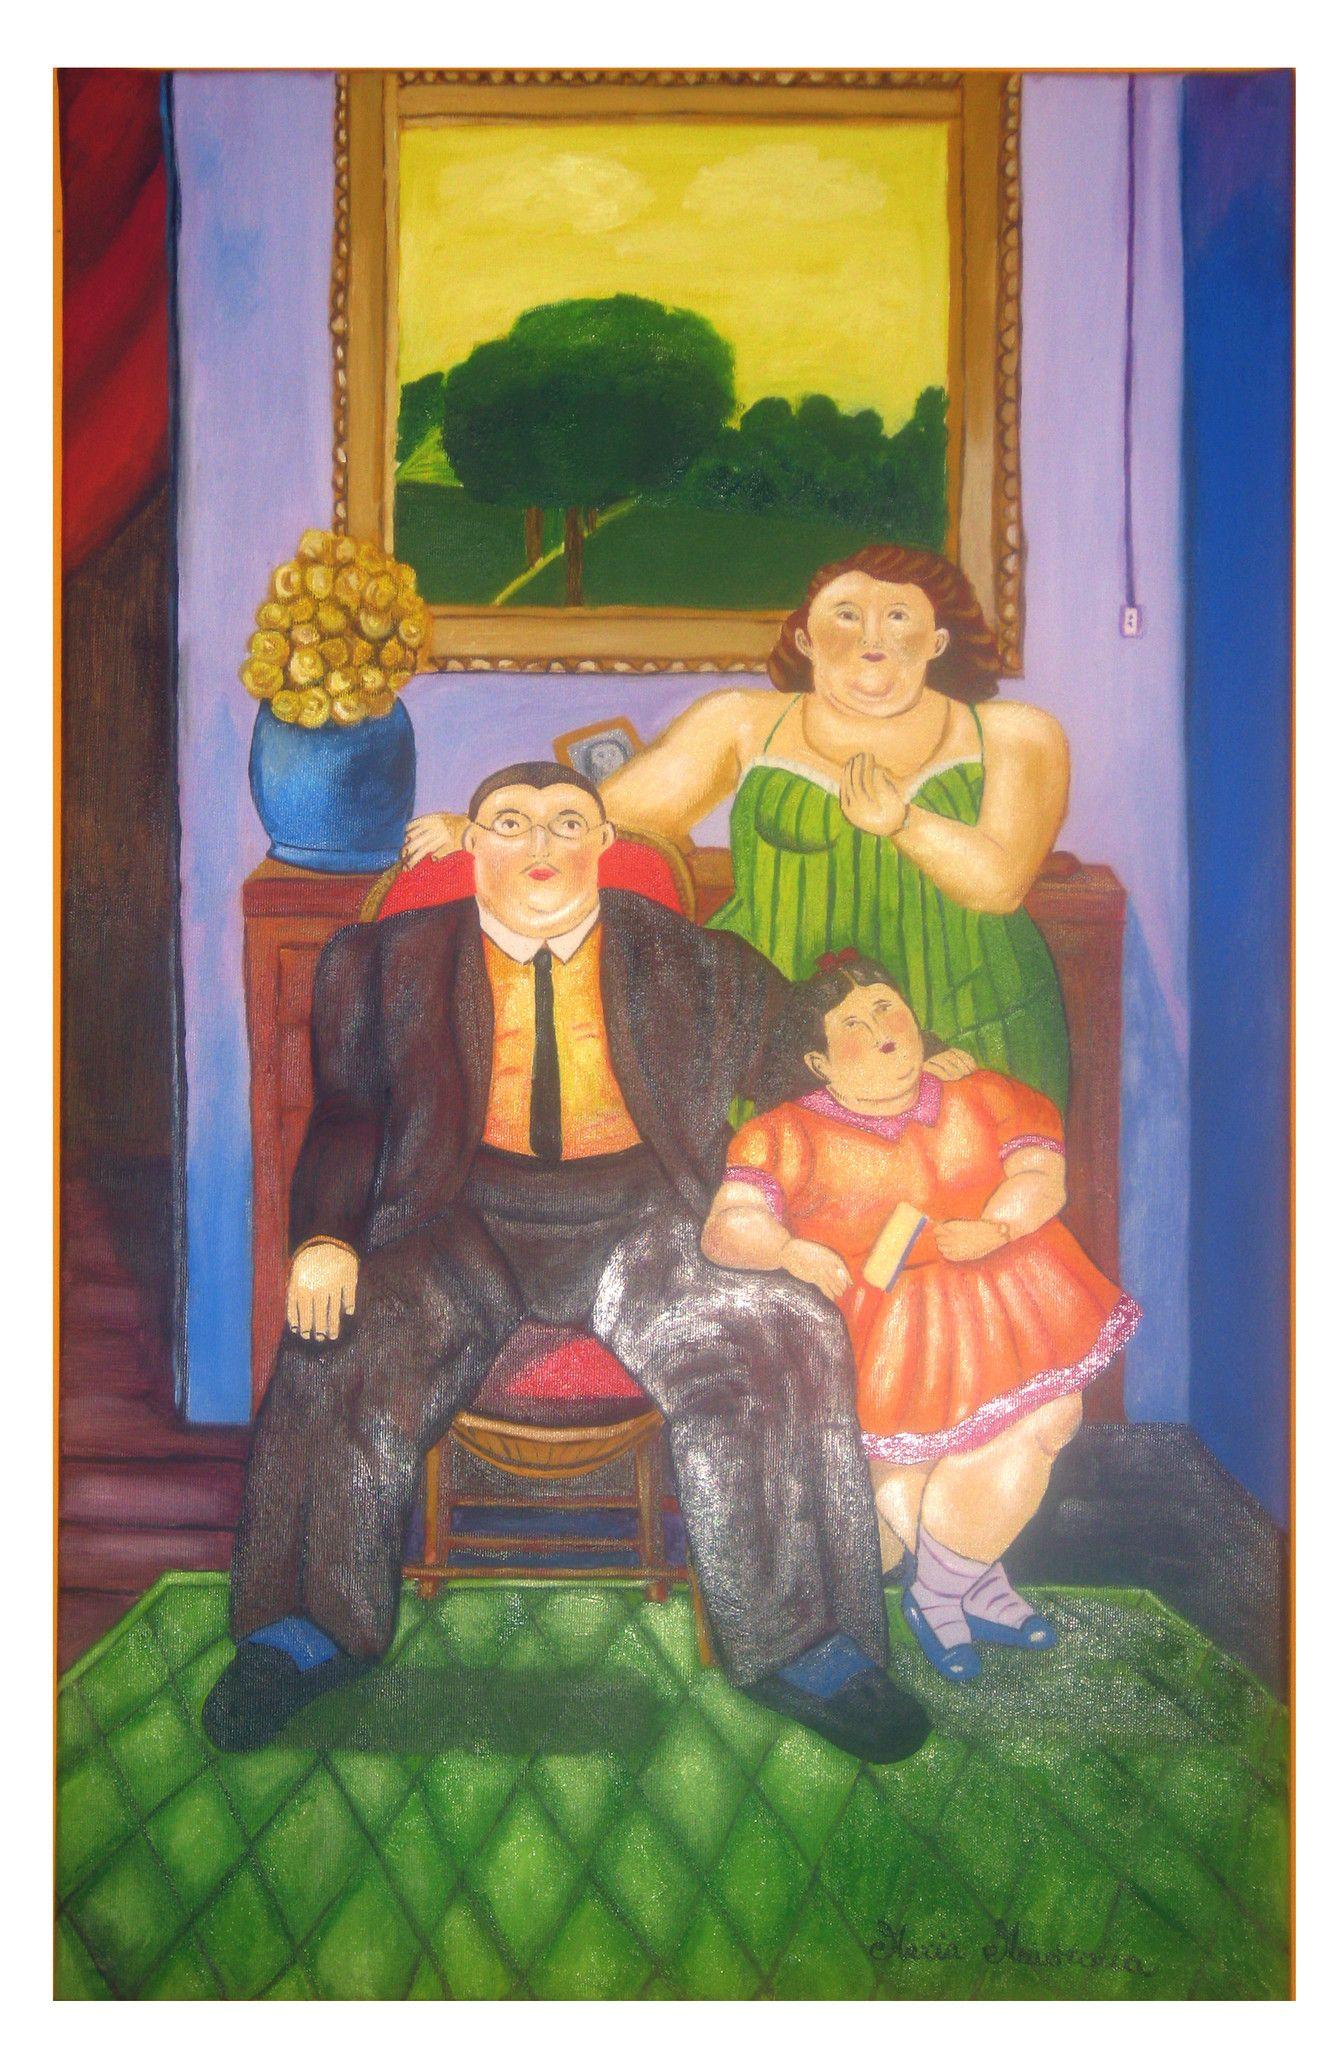 Famiglia colombiana - Copia di Fernando Botero